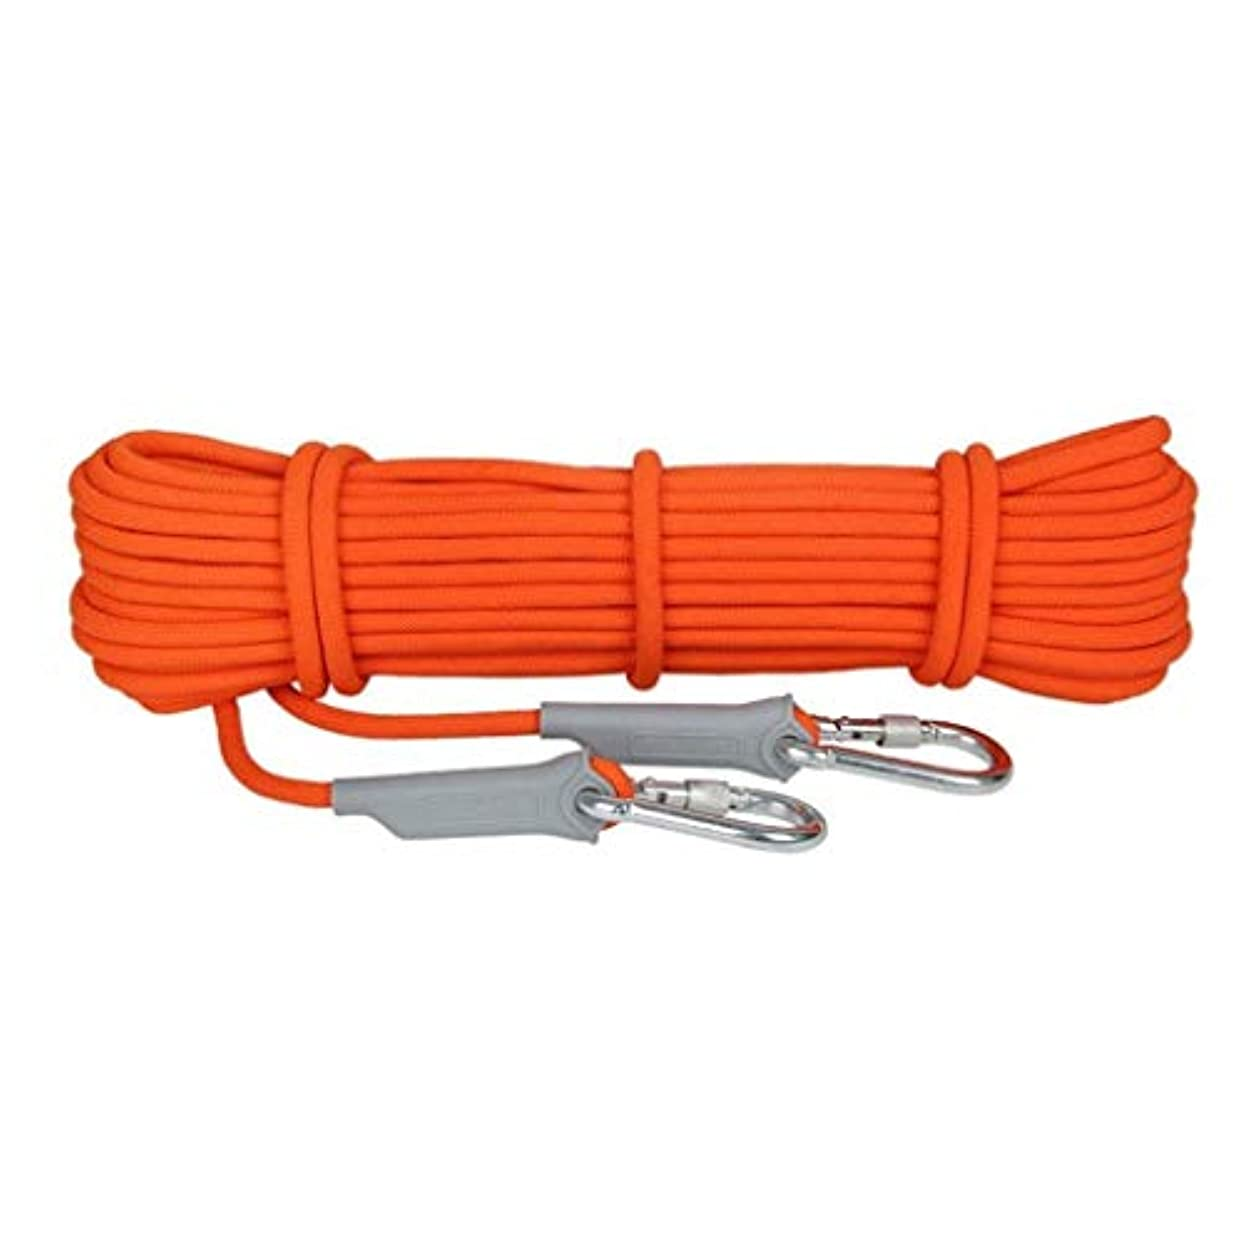 幻滅する現れるリー登山ロープの家の火の緊急脱出ロープ、ハイキングの洞窟探検のキャンプの救助調査および工学保護のための多機能のコードの安全ロープ。 (Color : 8.5mm, Size : 15m)